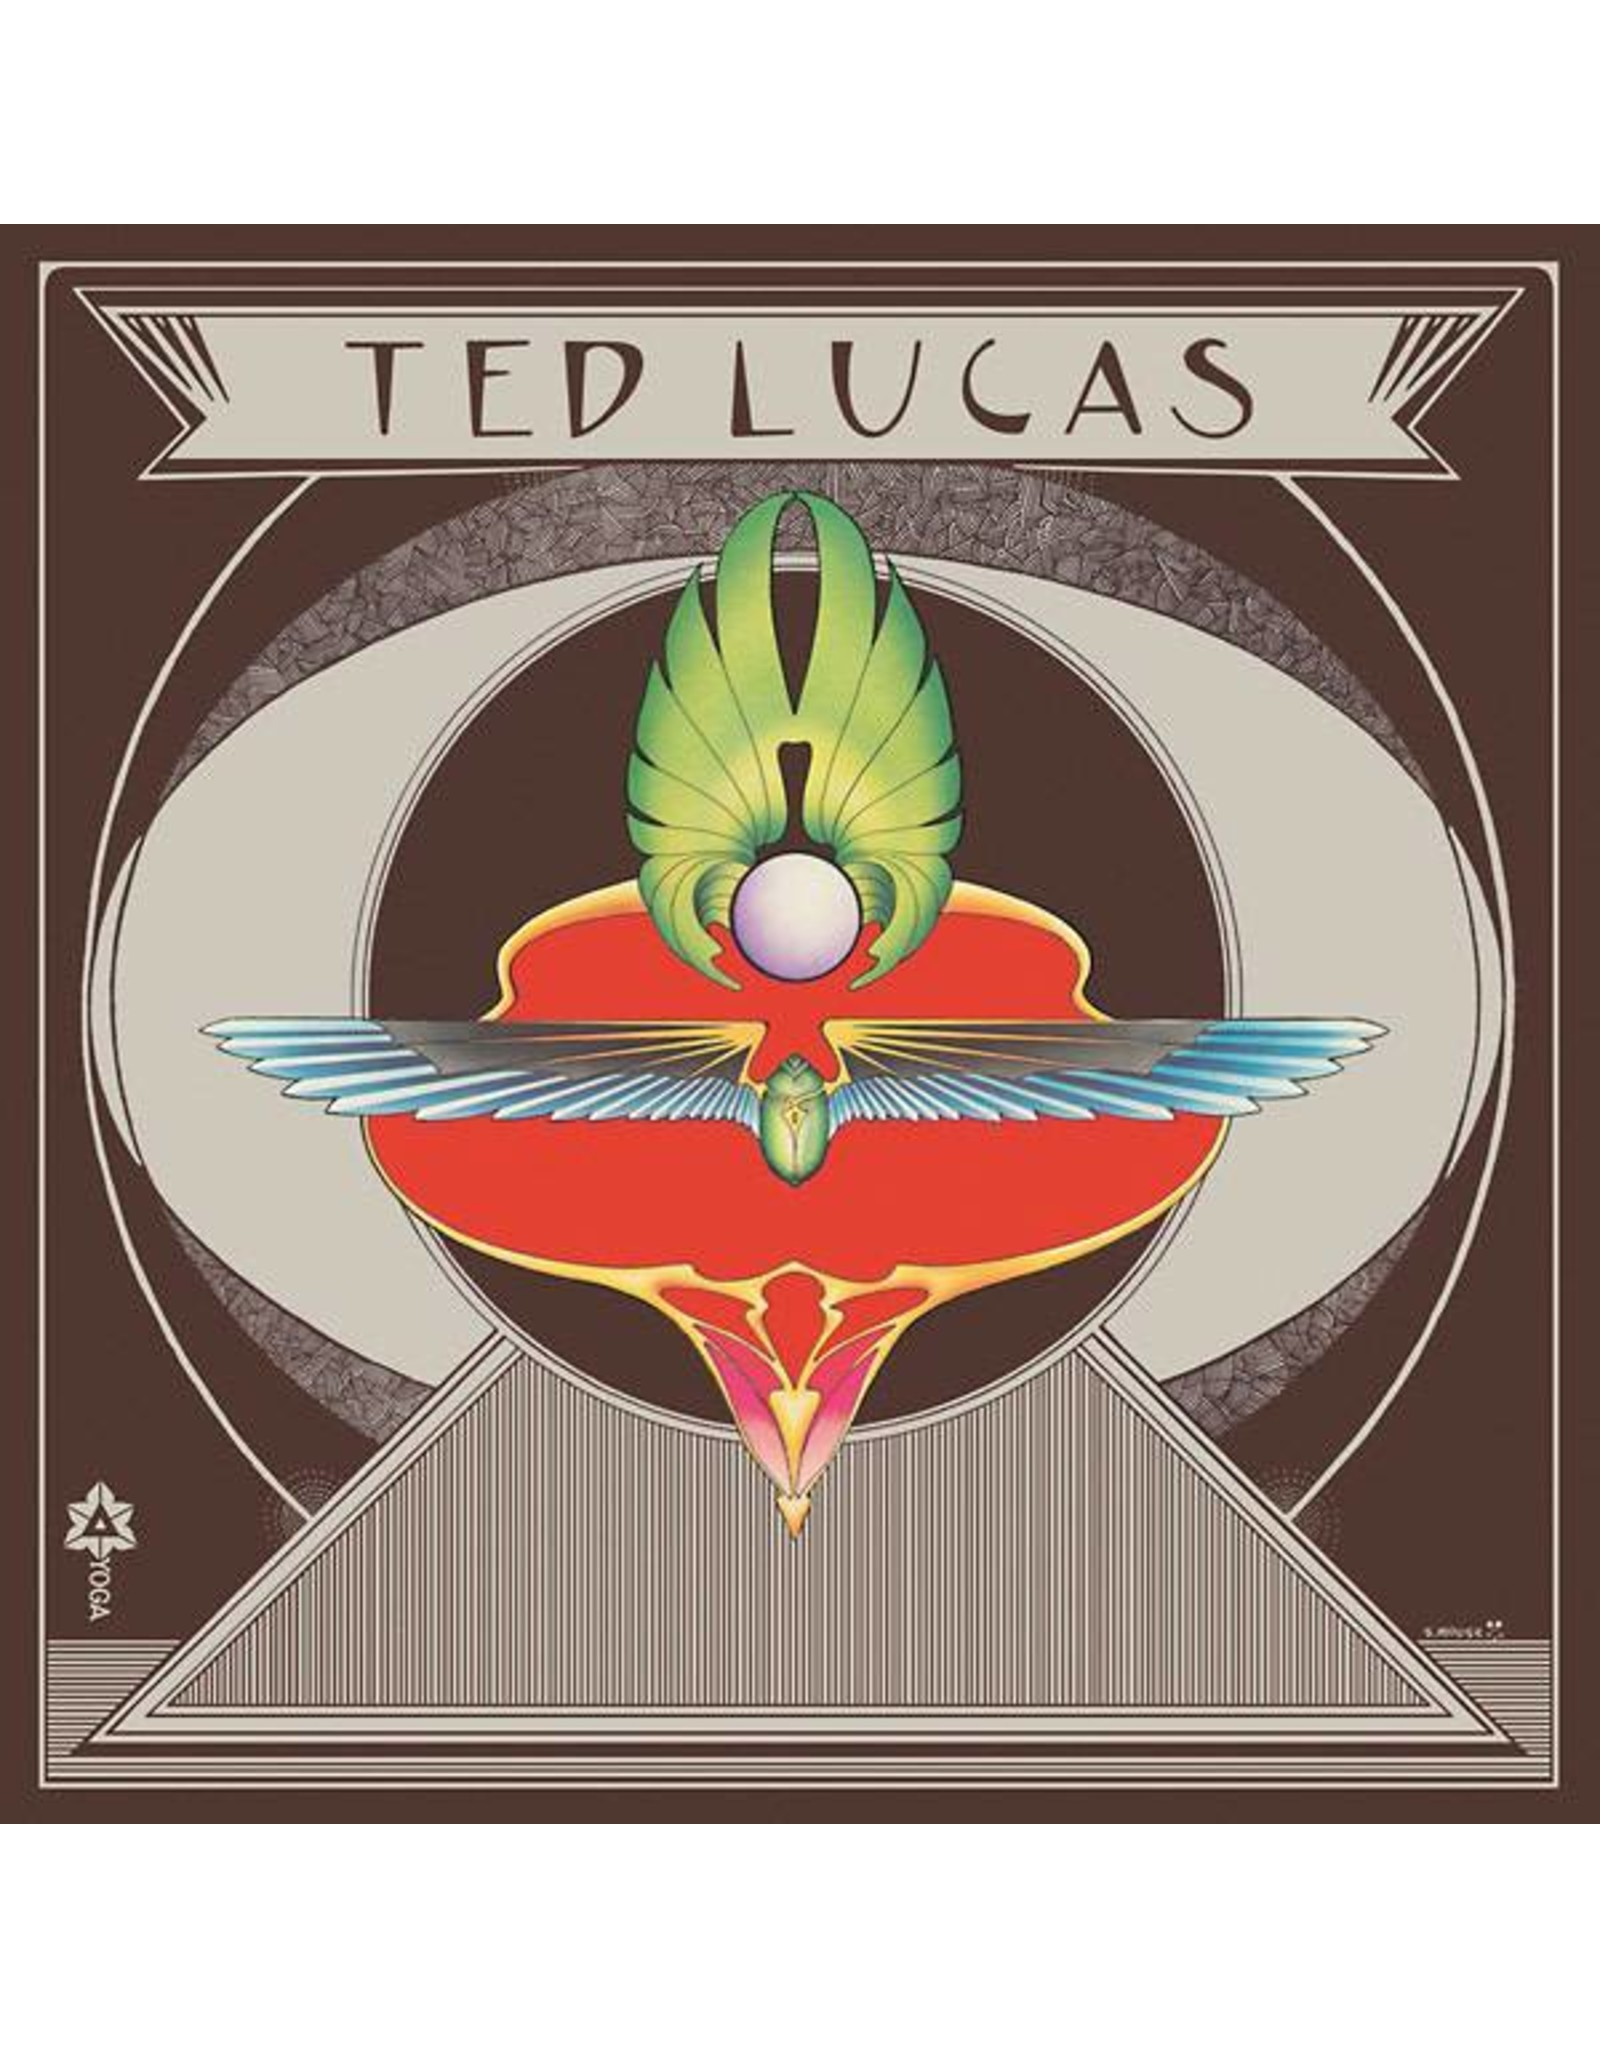 Yoga Lucas, Ted: s/t LP